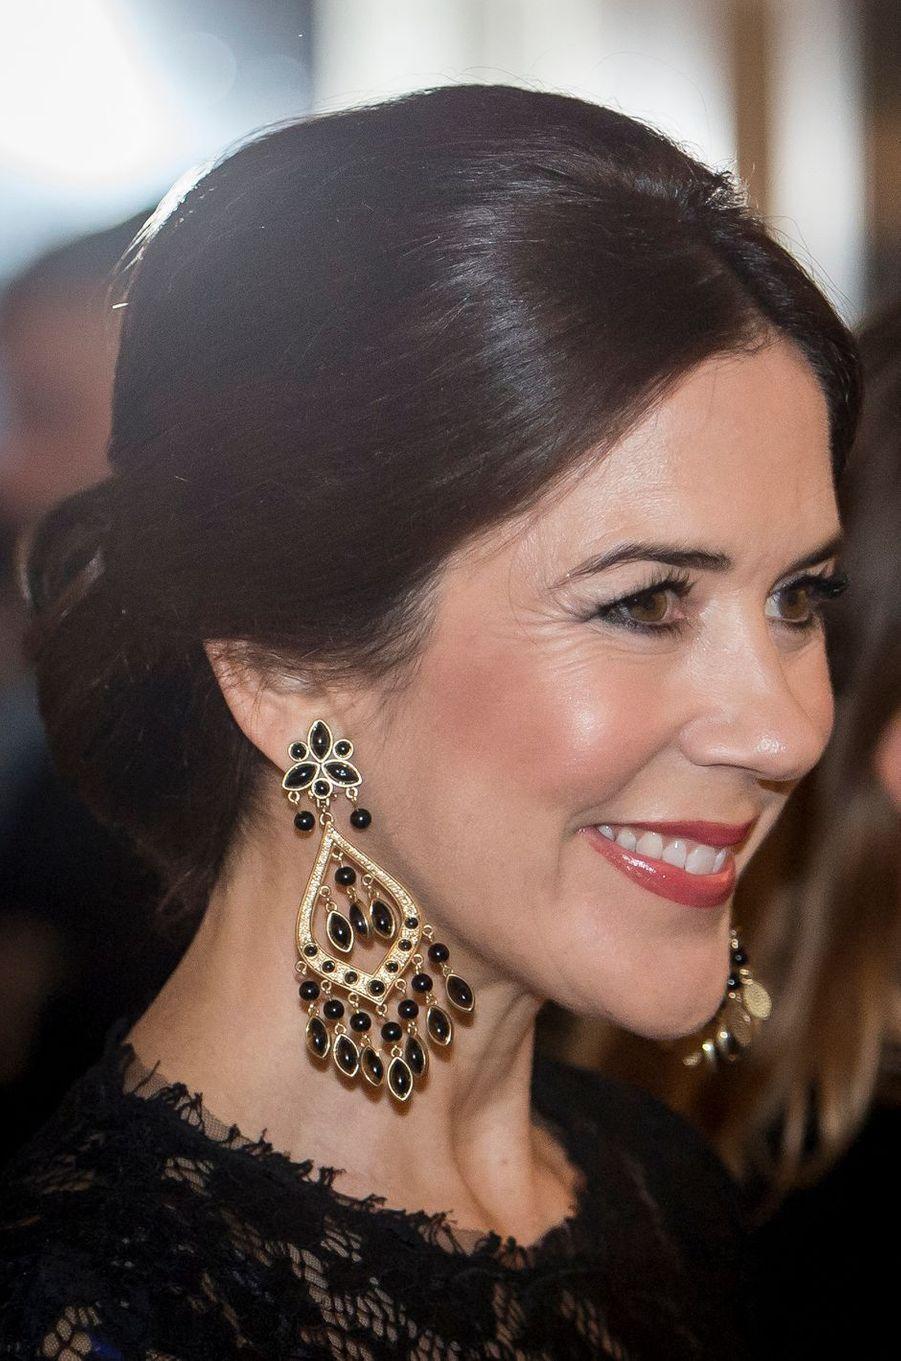 Les boucles d'oreille de la princesse Mary de Danemark à Rome, le 7 novembre 2018